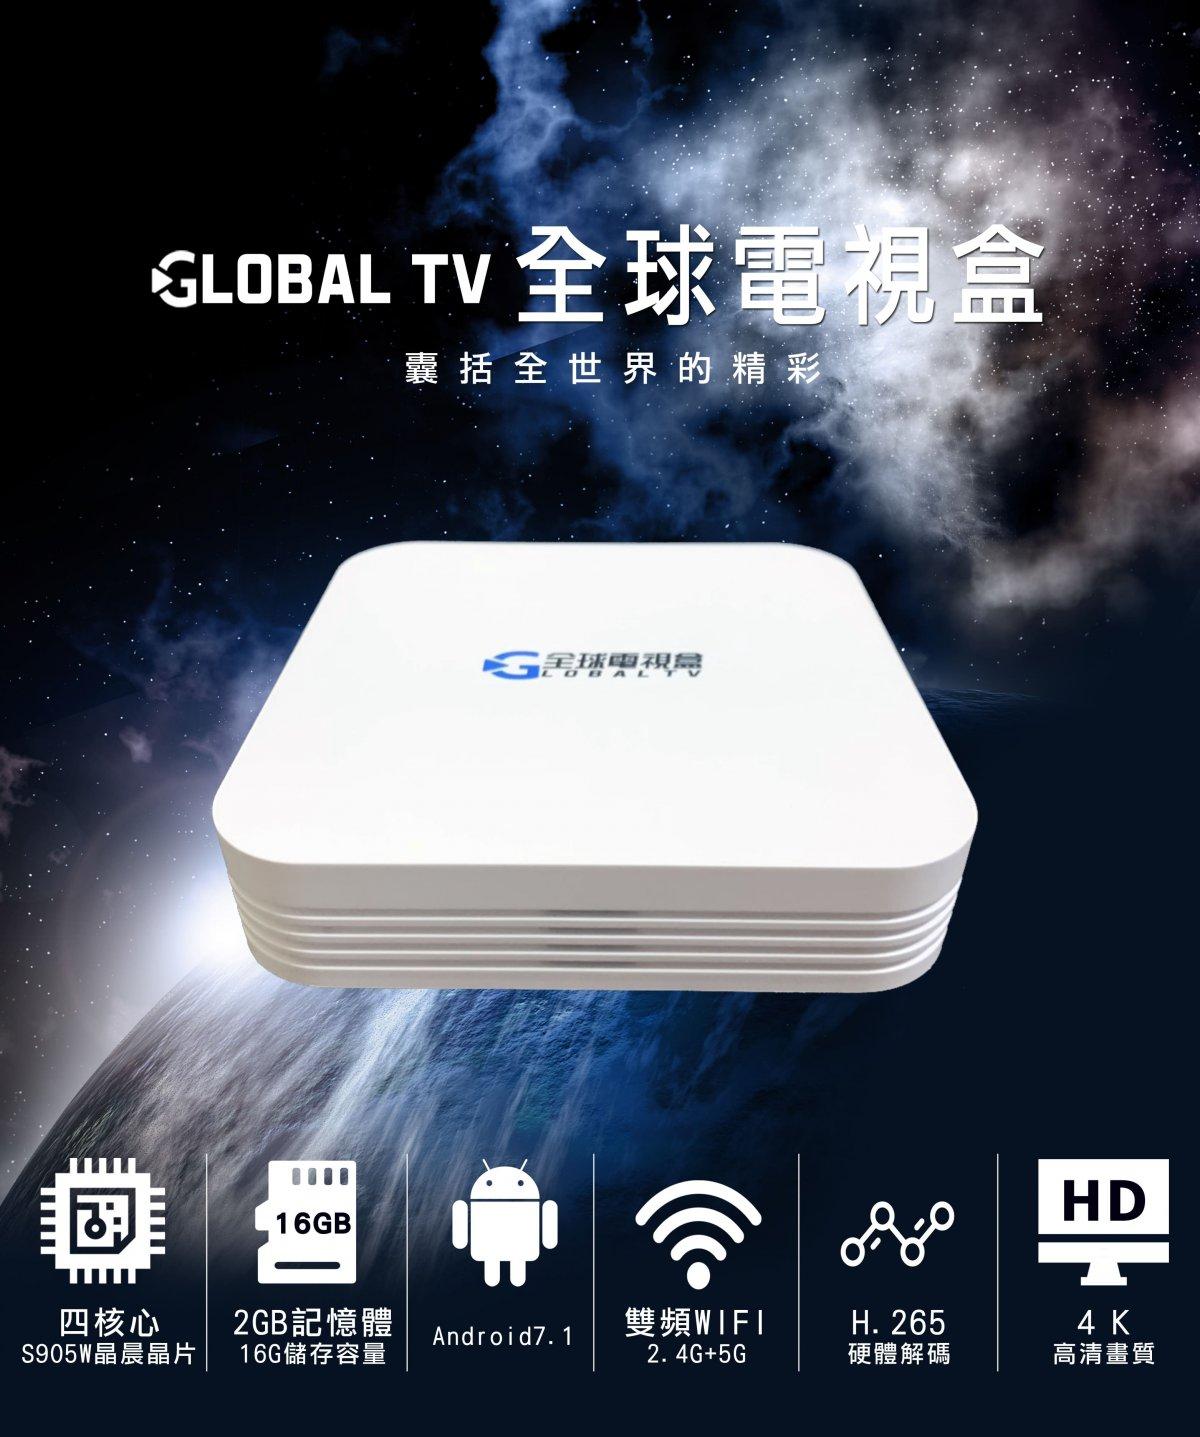 全球電視盒 GLOBAL TV台灣網路電視盒品牌讓您告別網路看第四台的追劇神器,搭載4K高畫質,第四台線上直播、電視連接手機看影片、玩游戲,電視自由安裝app,海量電影免費線上看,全球電視盒好用嗎開箱評測,安裝設定簡單,網路數位電視盒比較,網路電視盒推薦比較,PTT評價高,支持vga輸出,價錢合理!